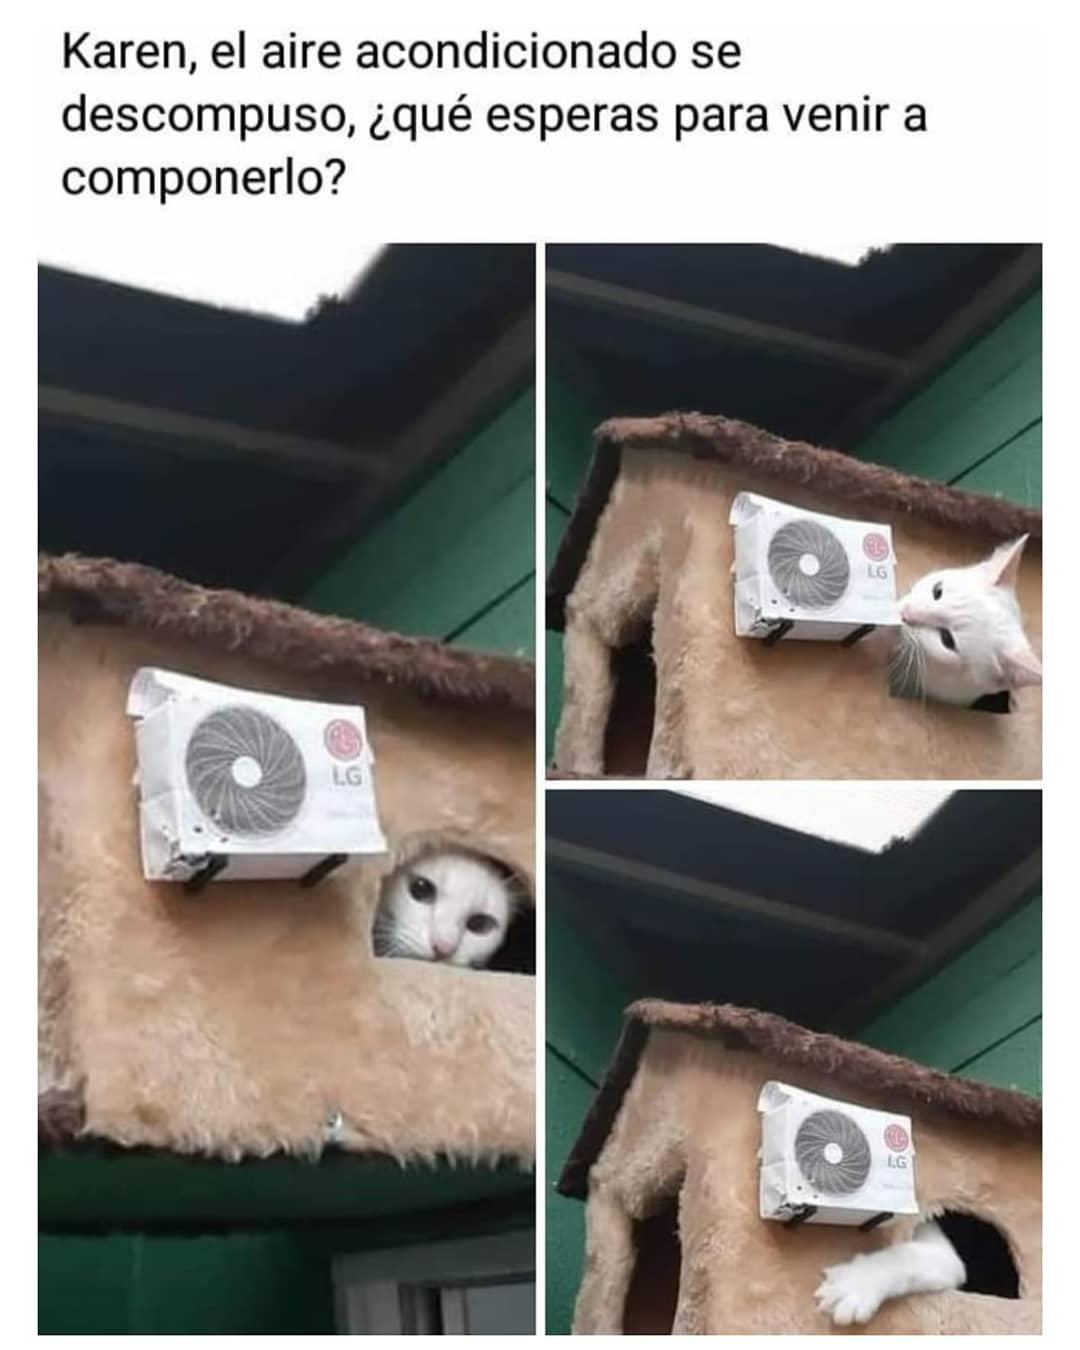 Karen, el aire acondicionado se descompuso, ¿qué esperas para venir a componerlo?